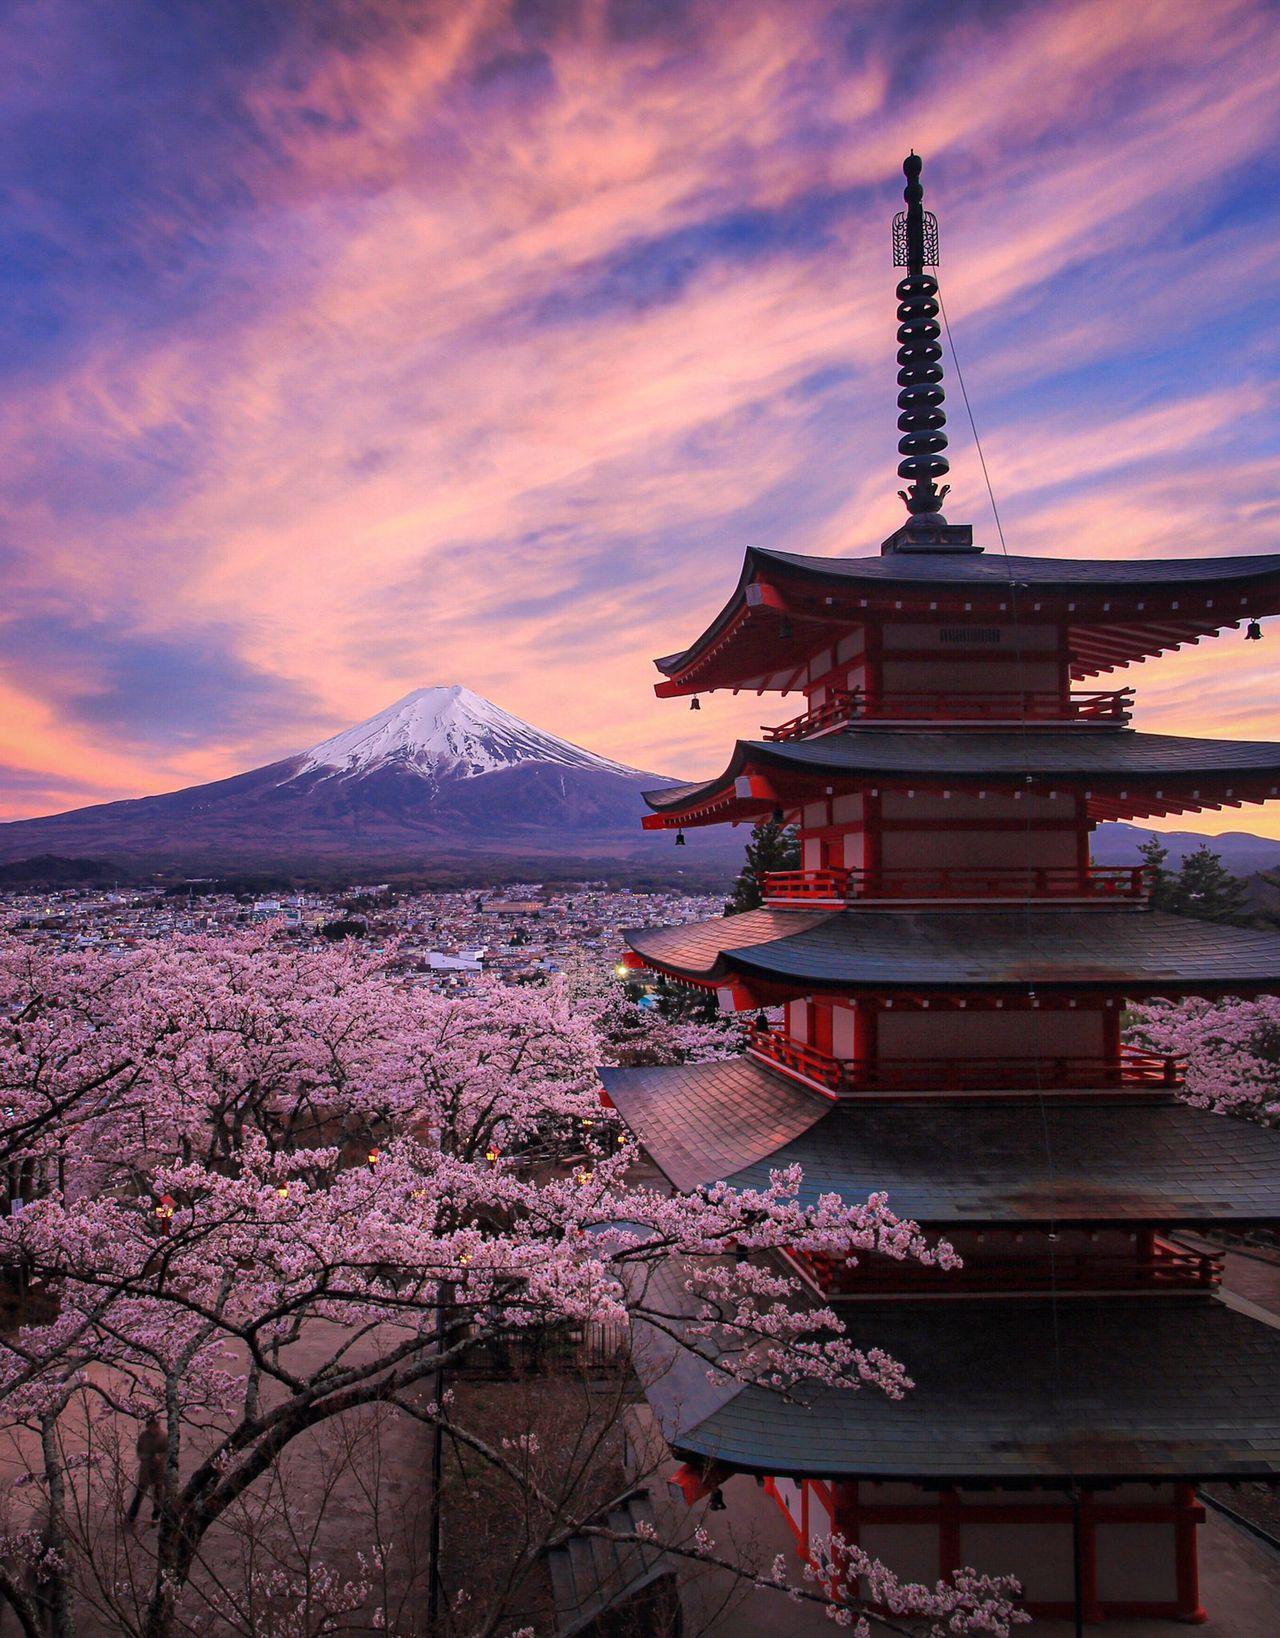 Один из самых известных ракурсов, цветущая сакура и пятиэтажная пагода в парке Аракураяма Сэнгэн в городе Фудзиёсида префектуры Яманаси. В поисках идеального места для съёмки сюда стекается масса людей, но Хасимуки выводит известный пейзаж на совершенно другой уровень